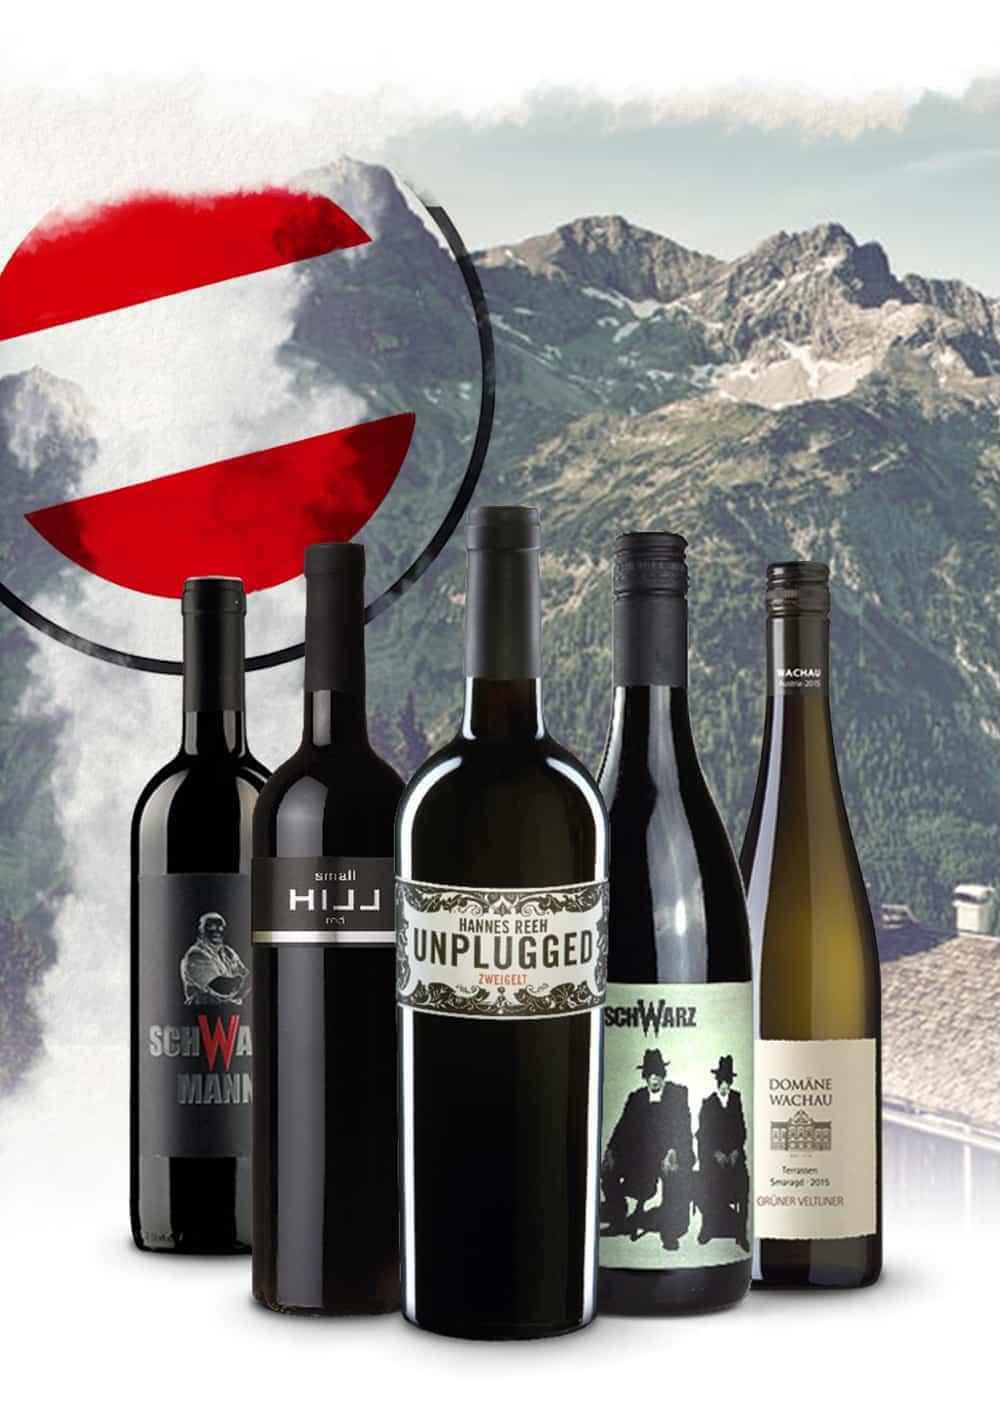 Weinbau mit langer Tradition